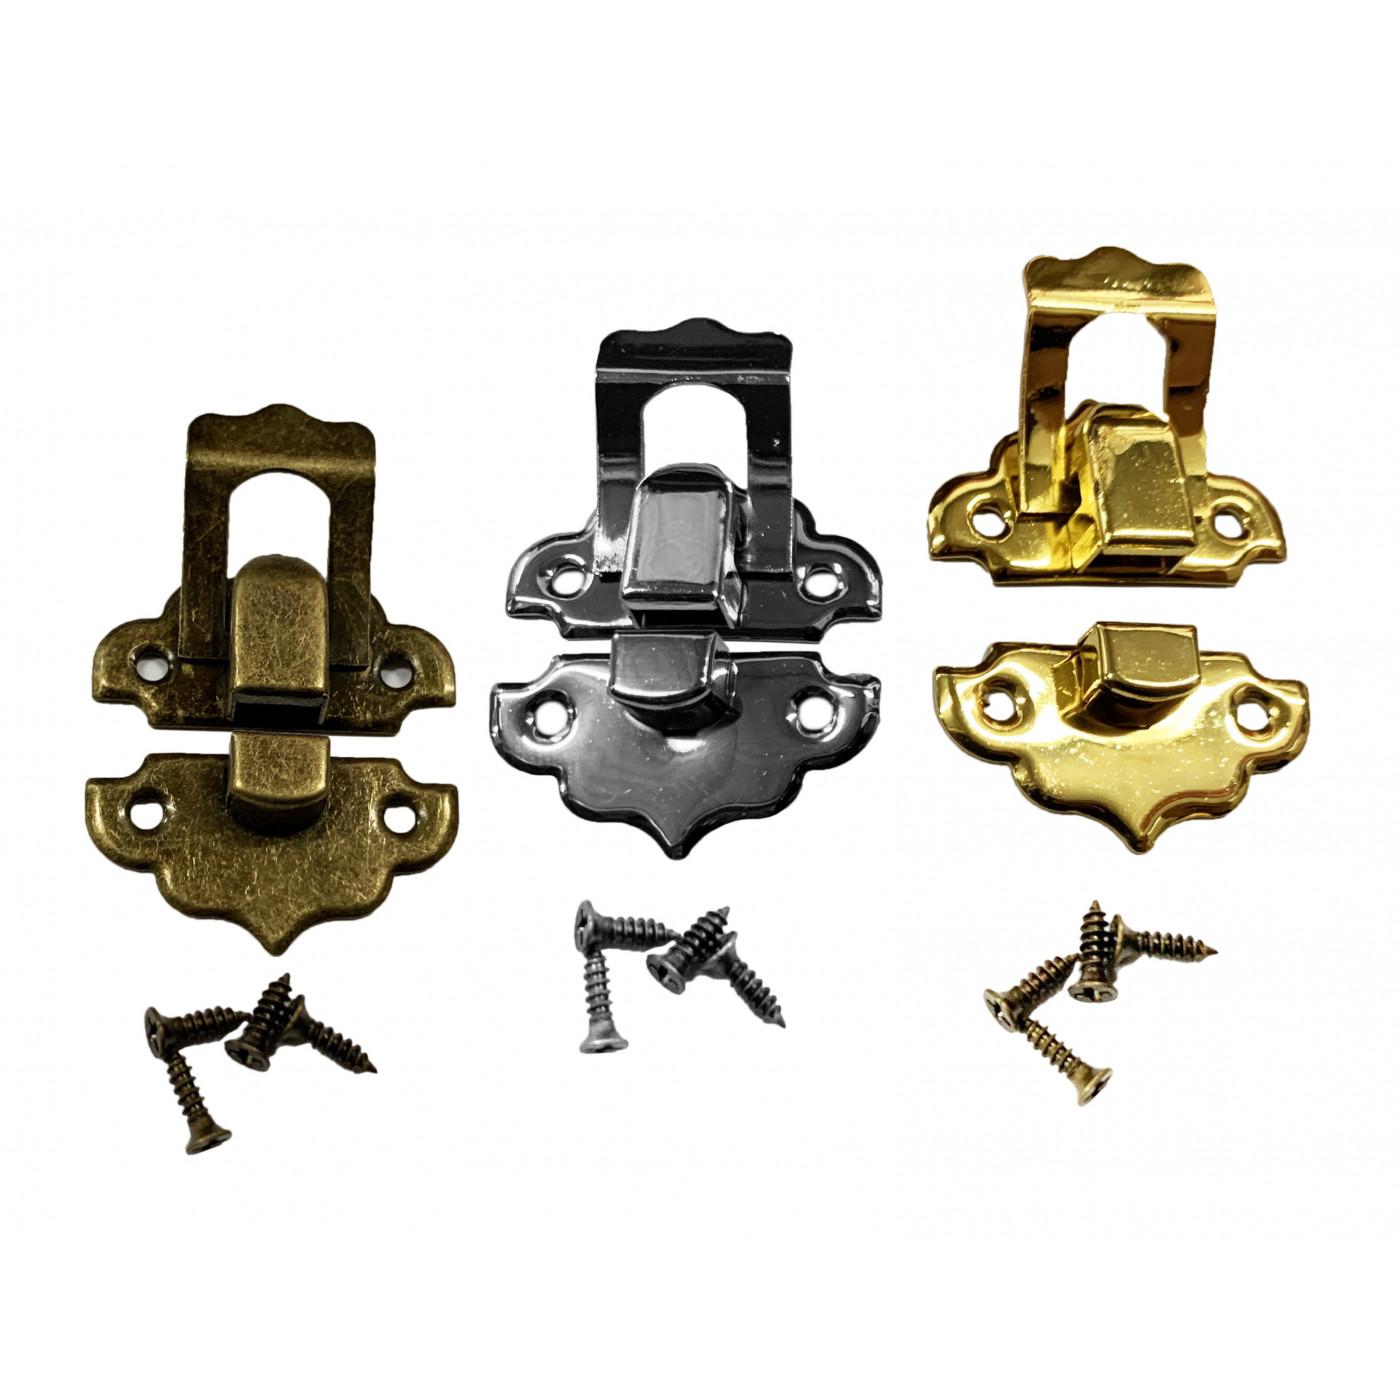 Set von 30 kleinen Metall-Retro-Boxschlössern (Farbe: Nickel)  - 1